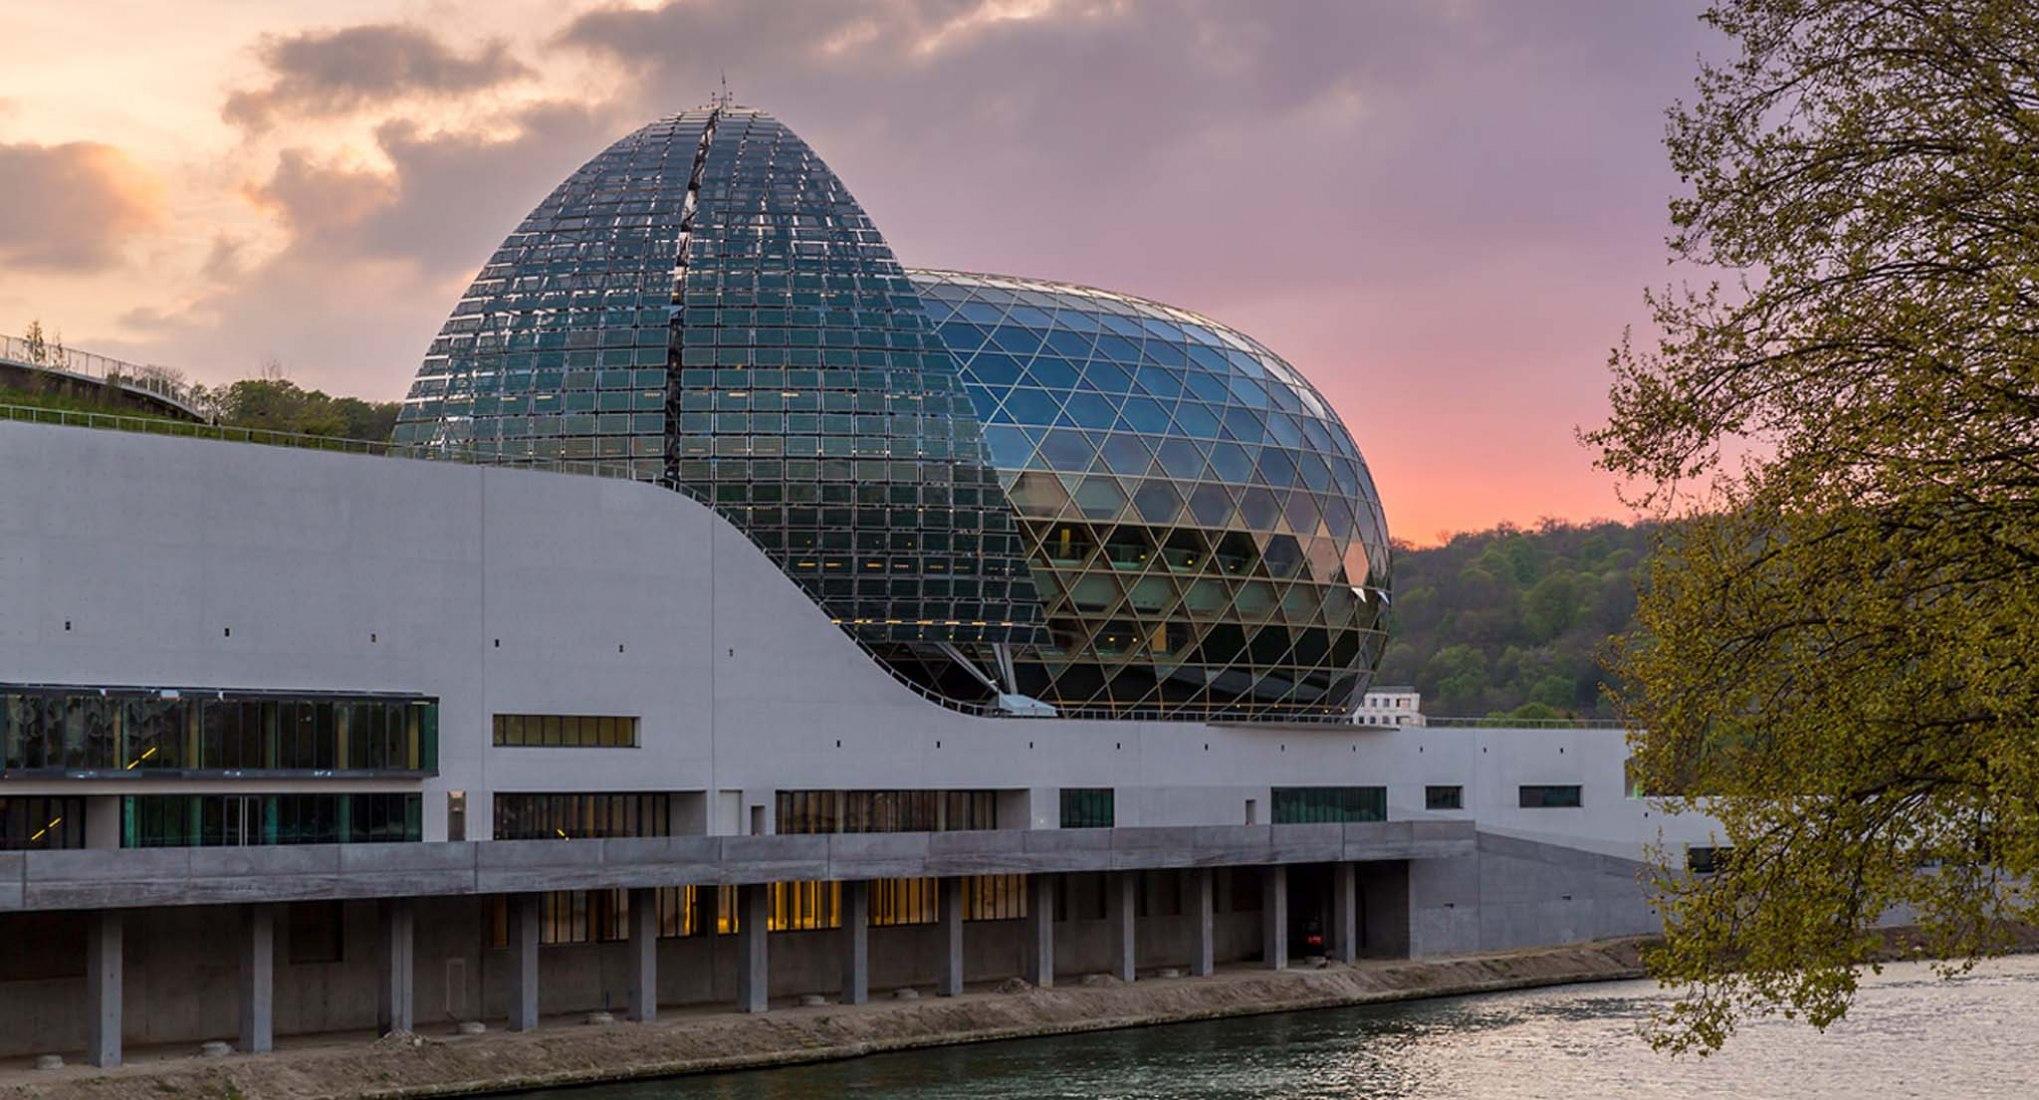 La Seine Musicale por Shigeru Ban Architects Europe + Jean de Gastines Architectes. Fotografía © Laurent Blossier. Imagen cortesía de Bouygues Construction.